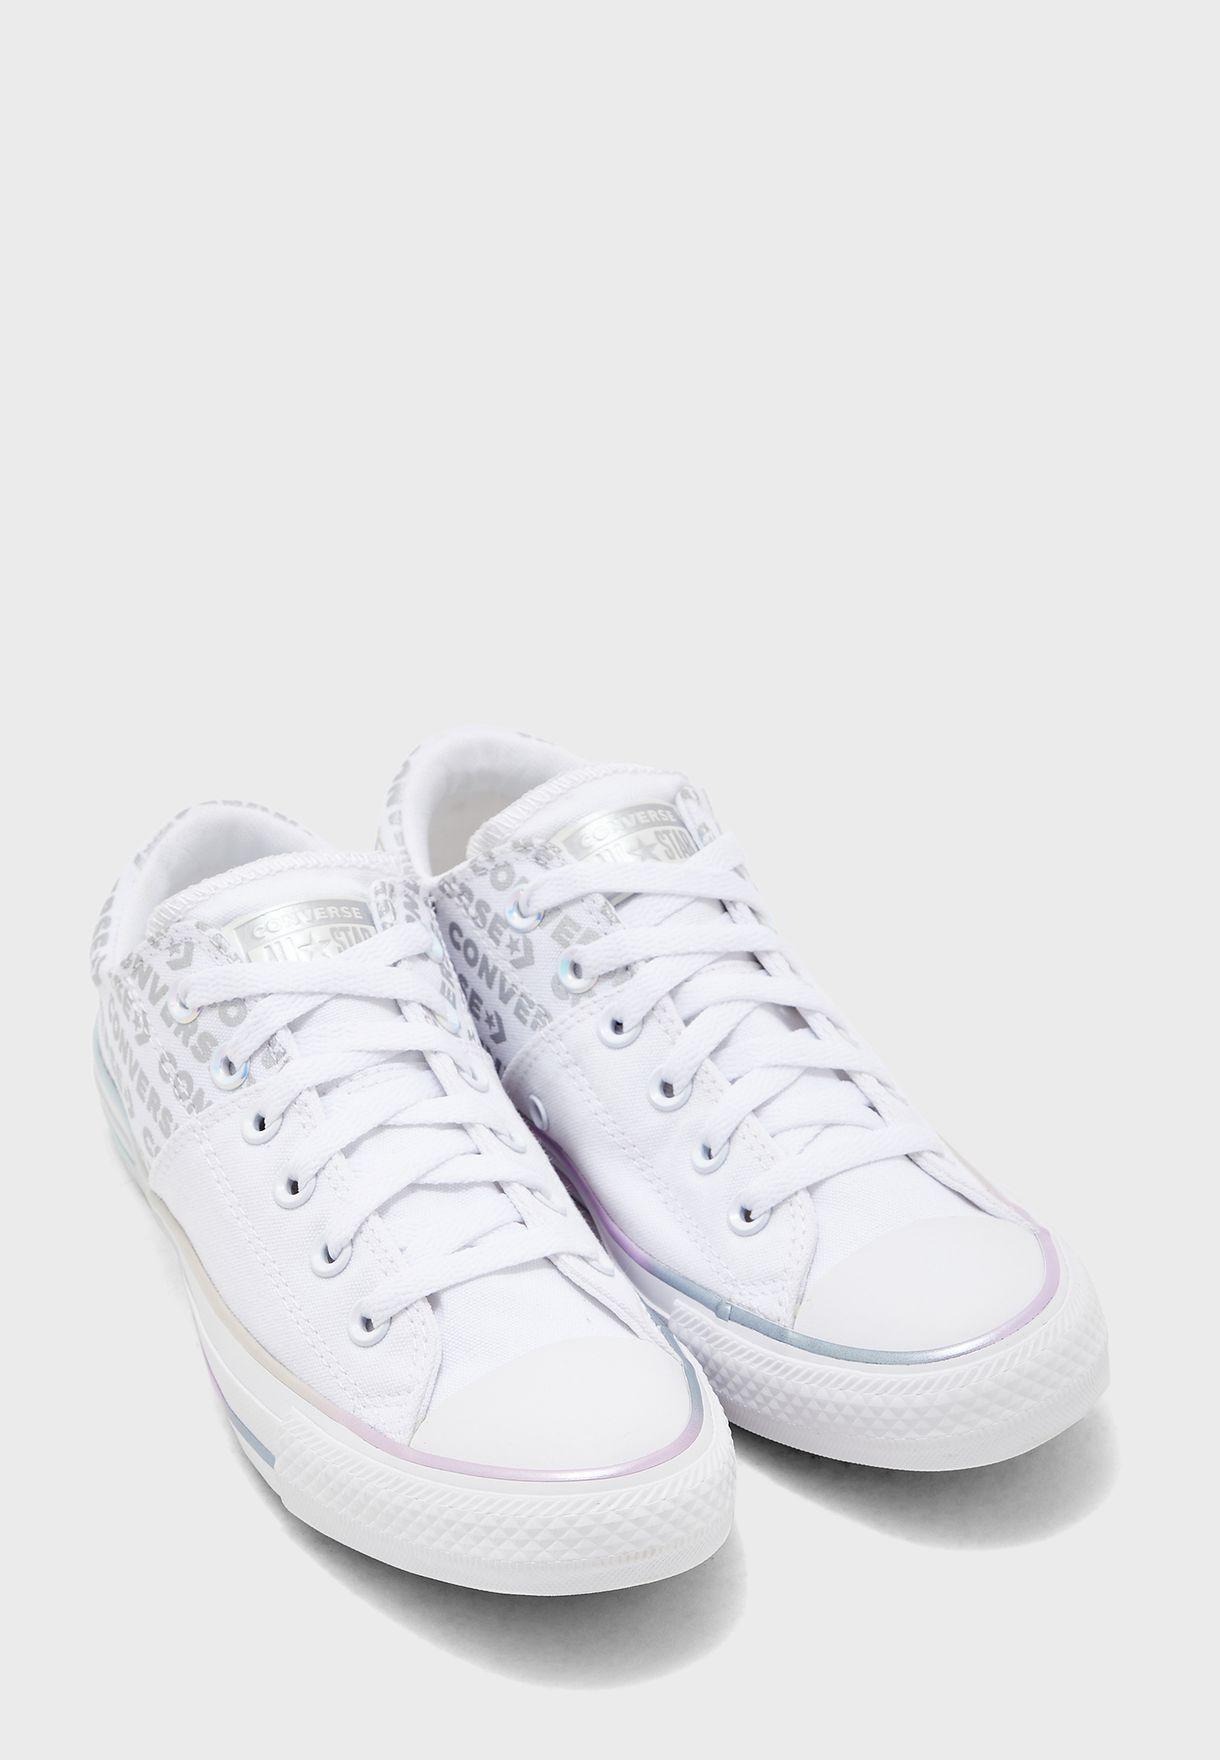 حذاء تشك تايلور اول ستار ماديسون